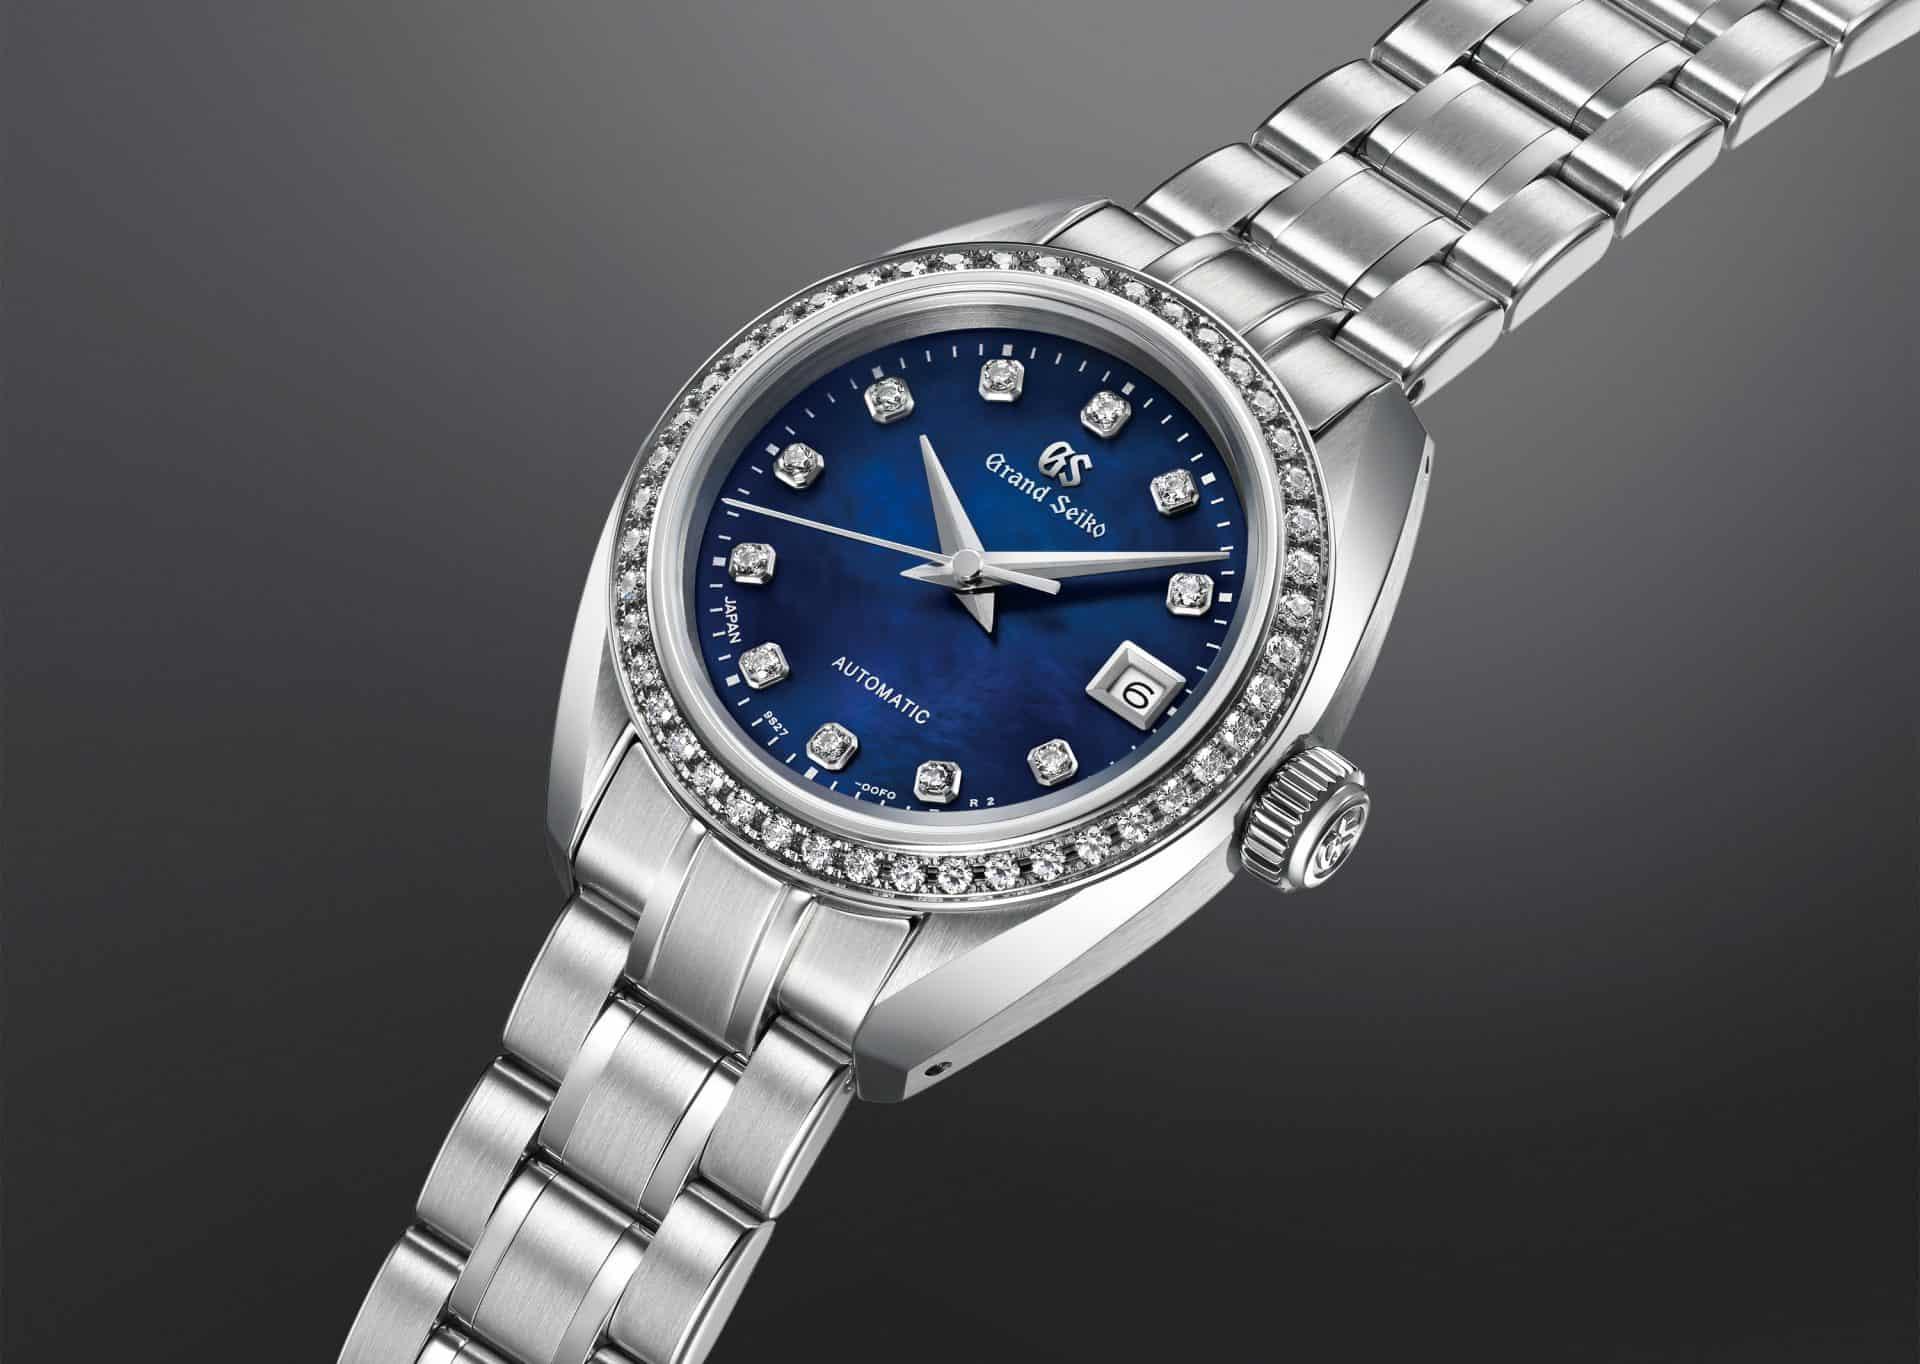 Feiner Uhrenbau findet bei der Grand Seiko Damen Automatik Referenz STGK015 statt